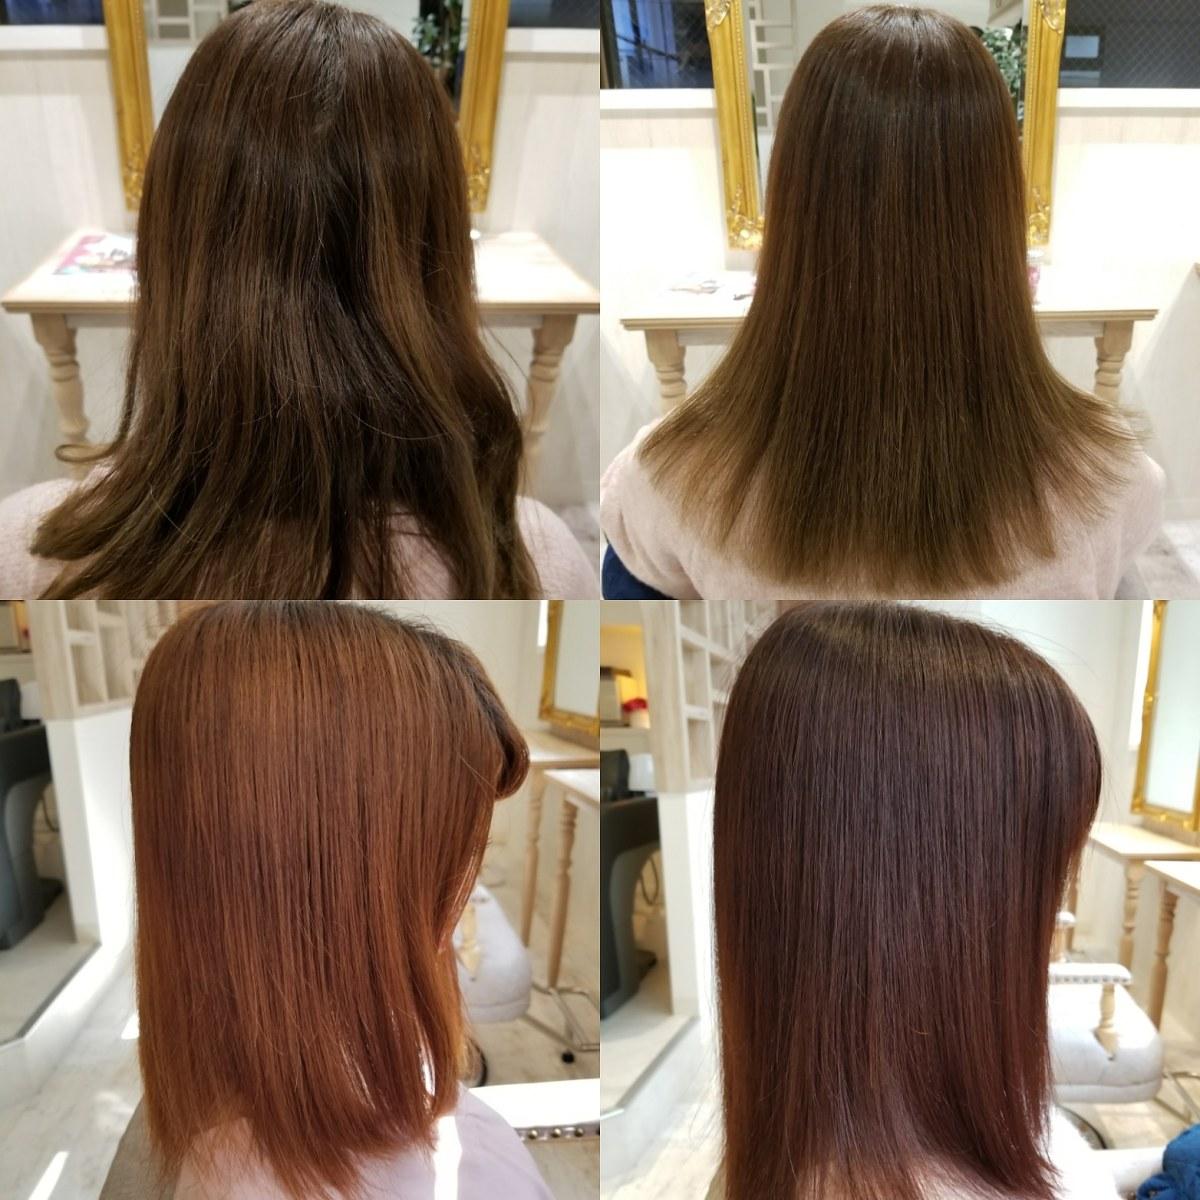 【髪を綺麗に伸ばしたい方におすすめ】自分の髪の状態に合ったケアをしていきませんか? 国分寺 美容室 LAND